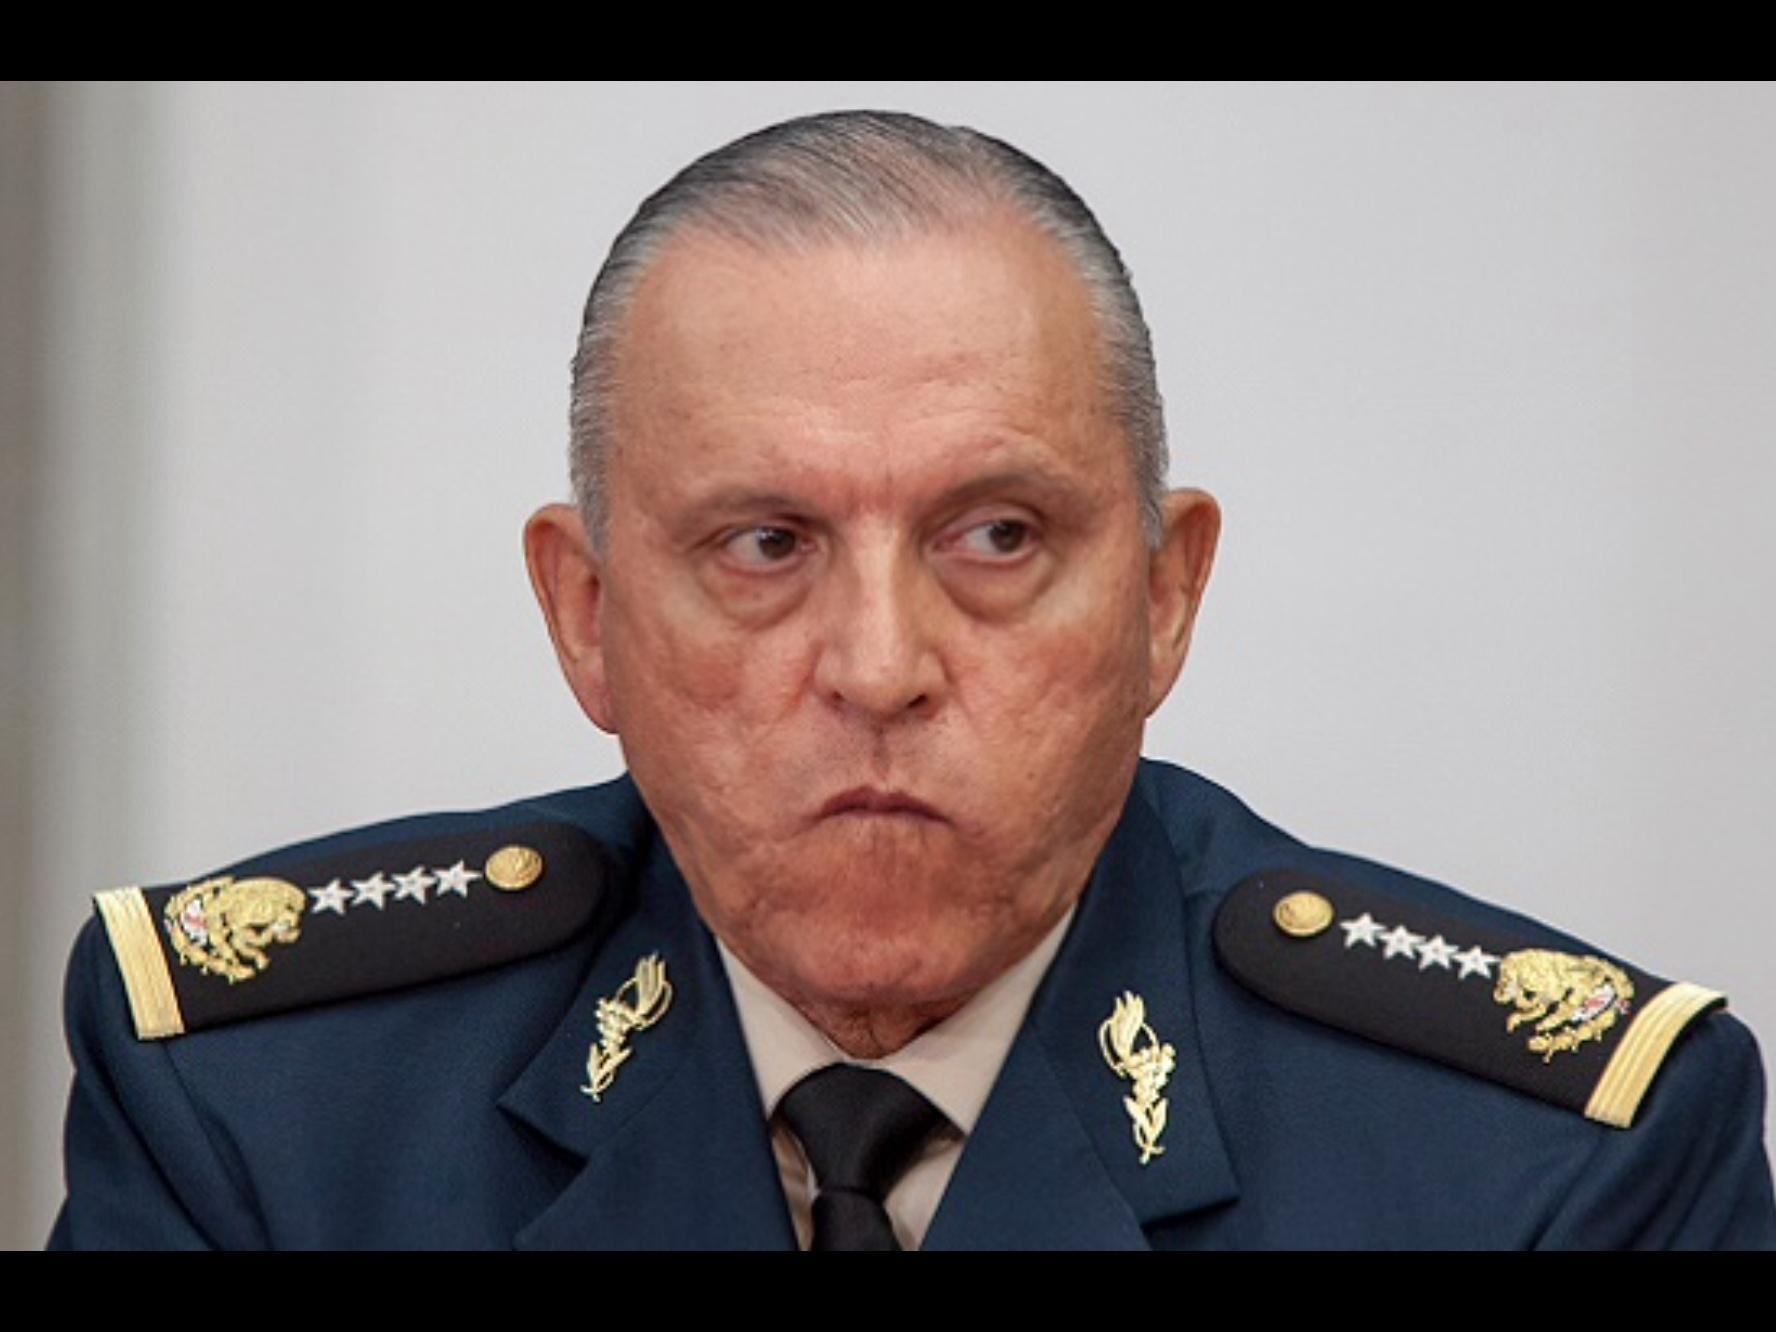 Avalancha de desinformación en el caso Cienfuegos